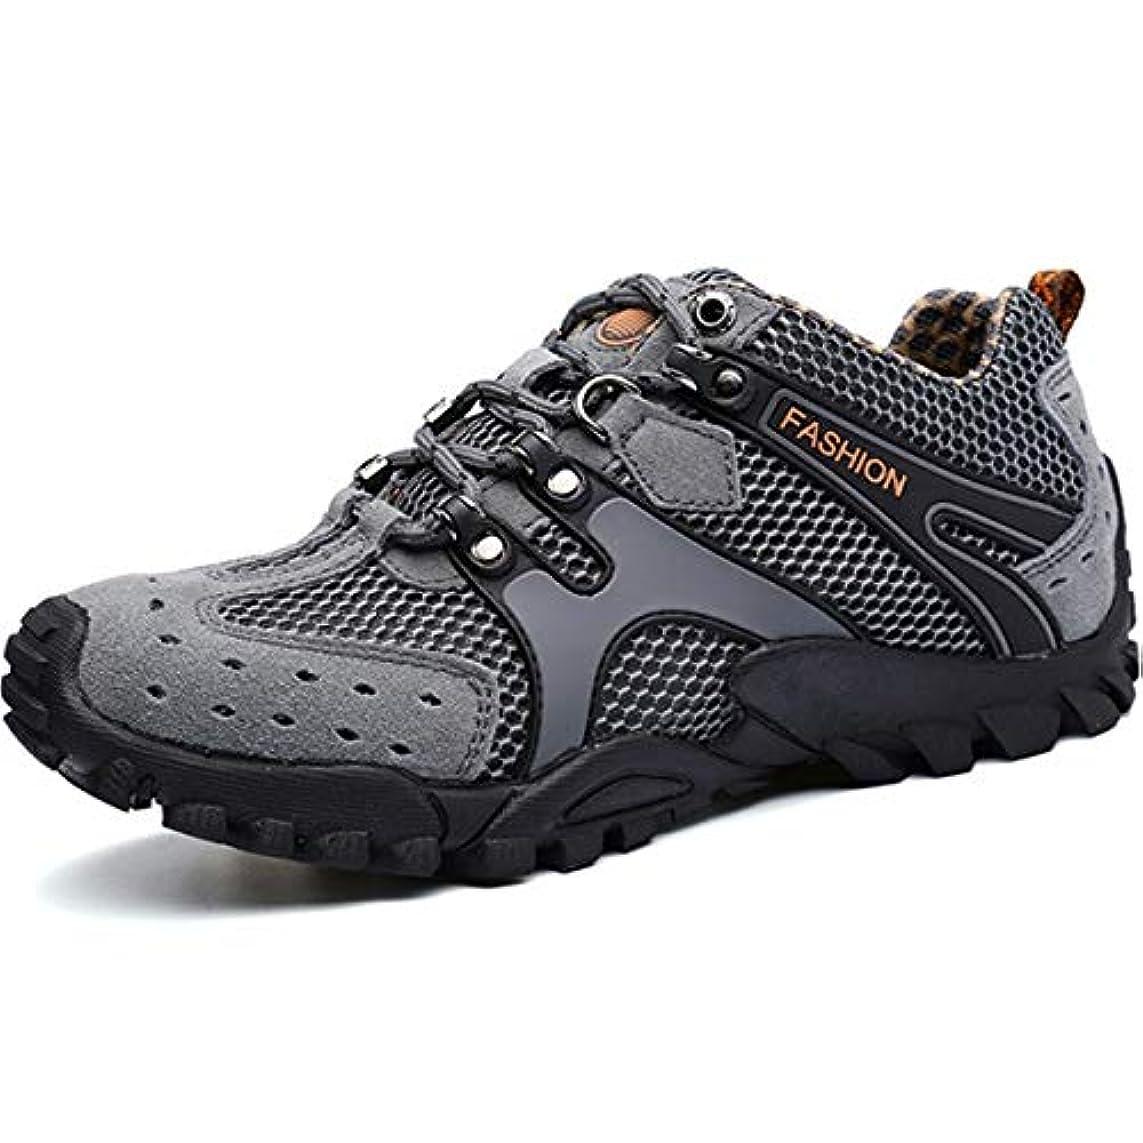 鉛筆ヘビ組み合わせ[つるかめ] ハイキングシューズ ウォーキングシューズ トレッキングシューズ メンズ カジュアルシューズ アウトドアススニーカー ツーリングシューズ 登山靴 防滑 抗菌 グレー 27.0CM OFOD16